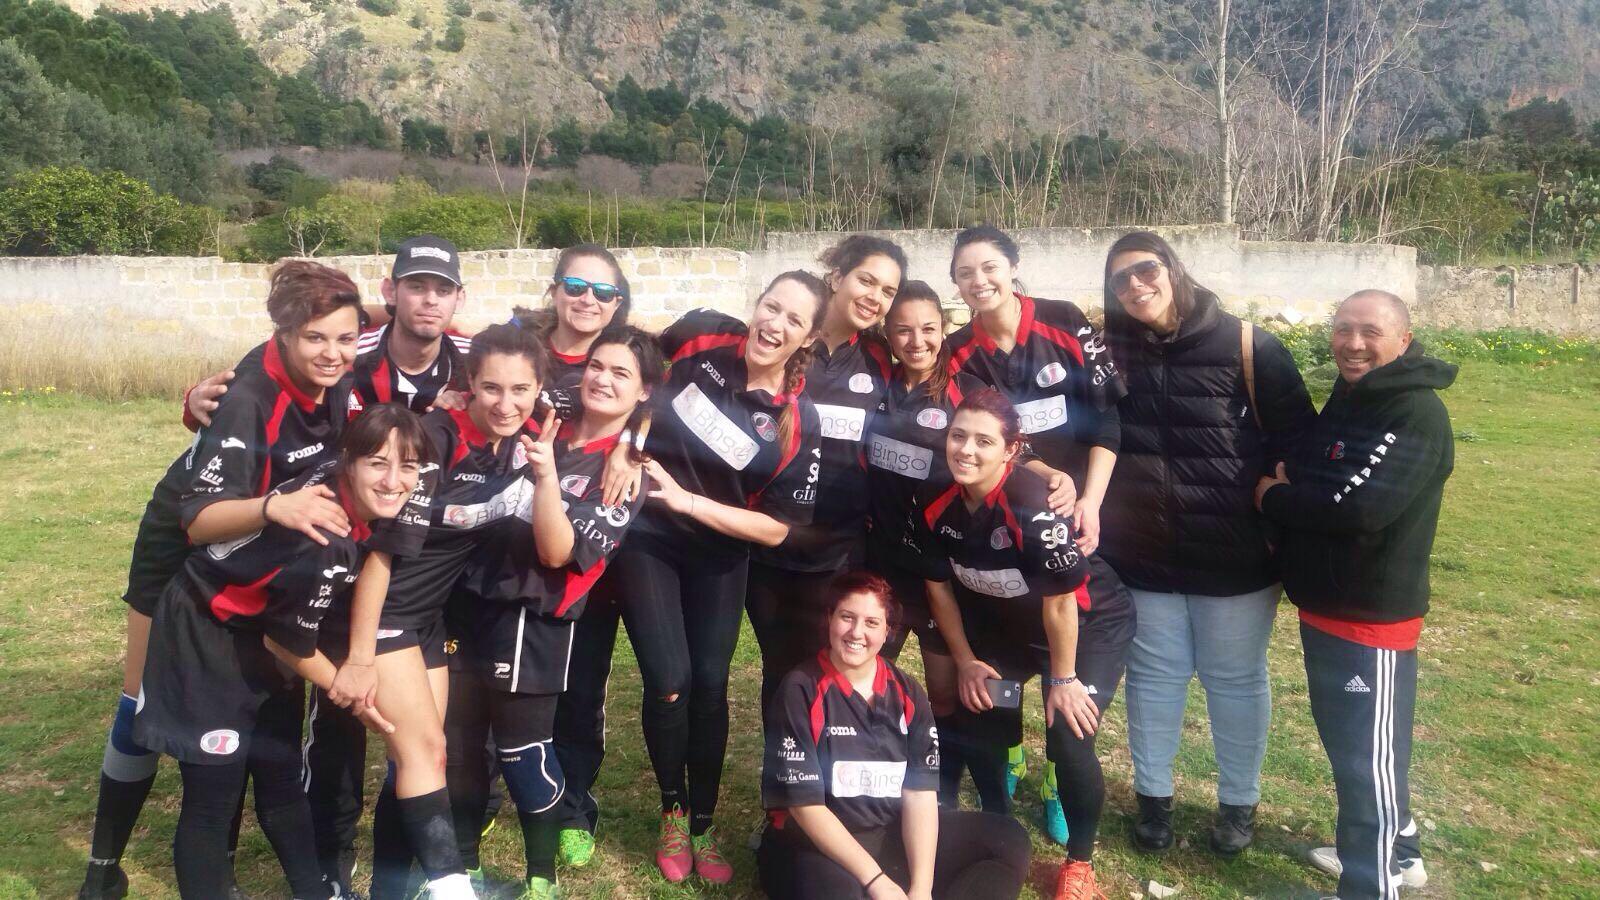 nella foto le Ladies vittoriose a Palermo